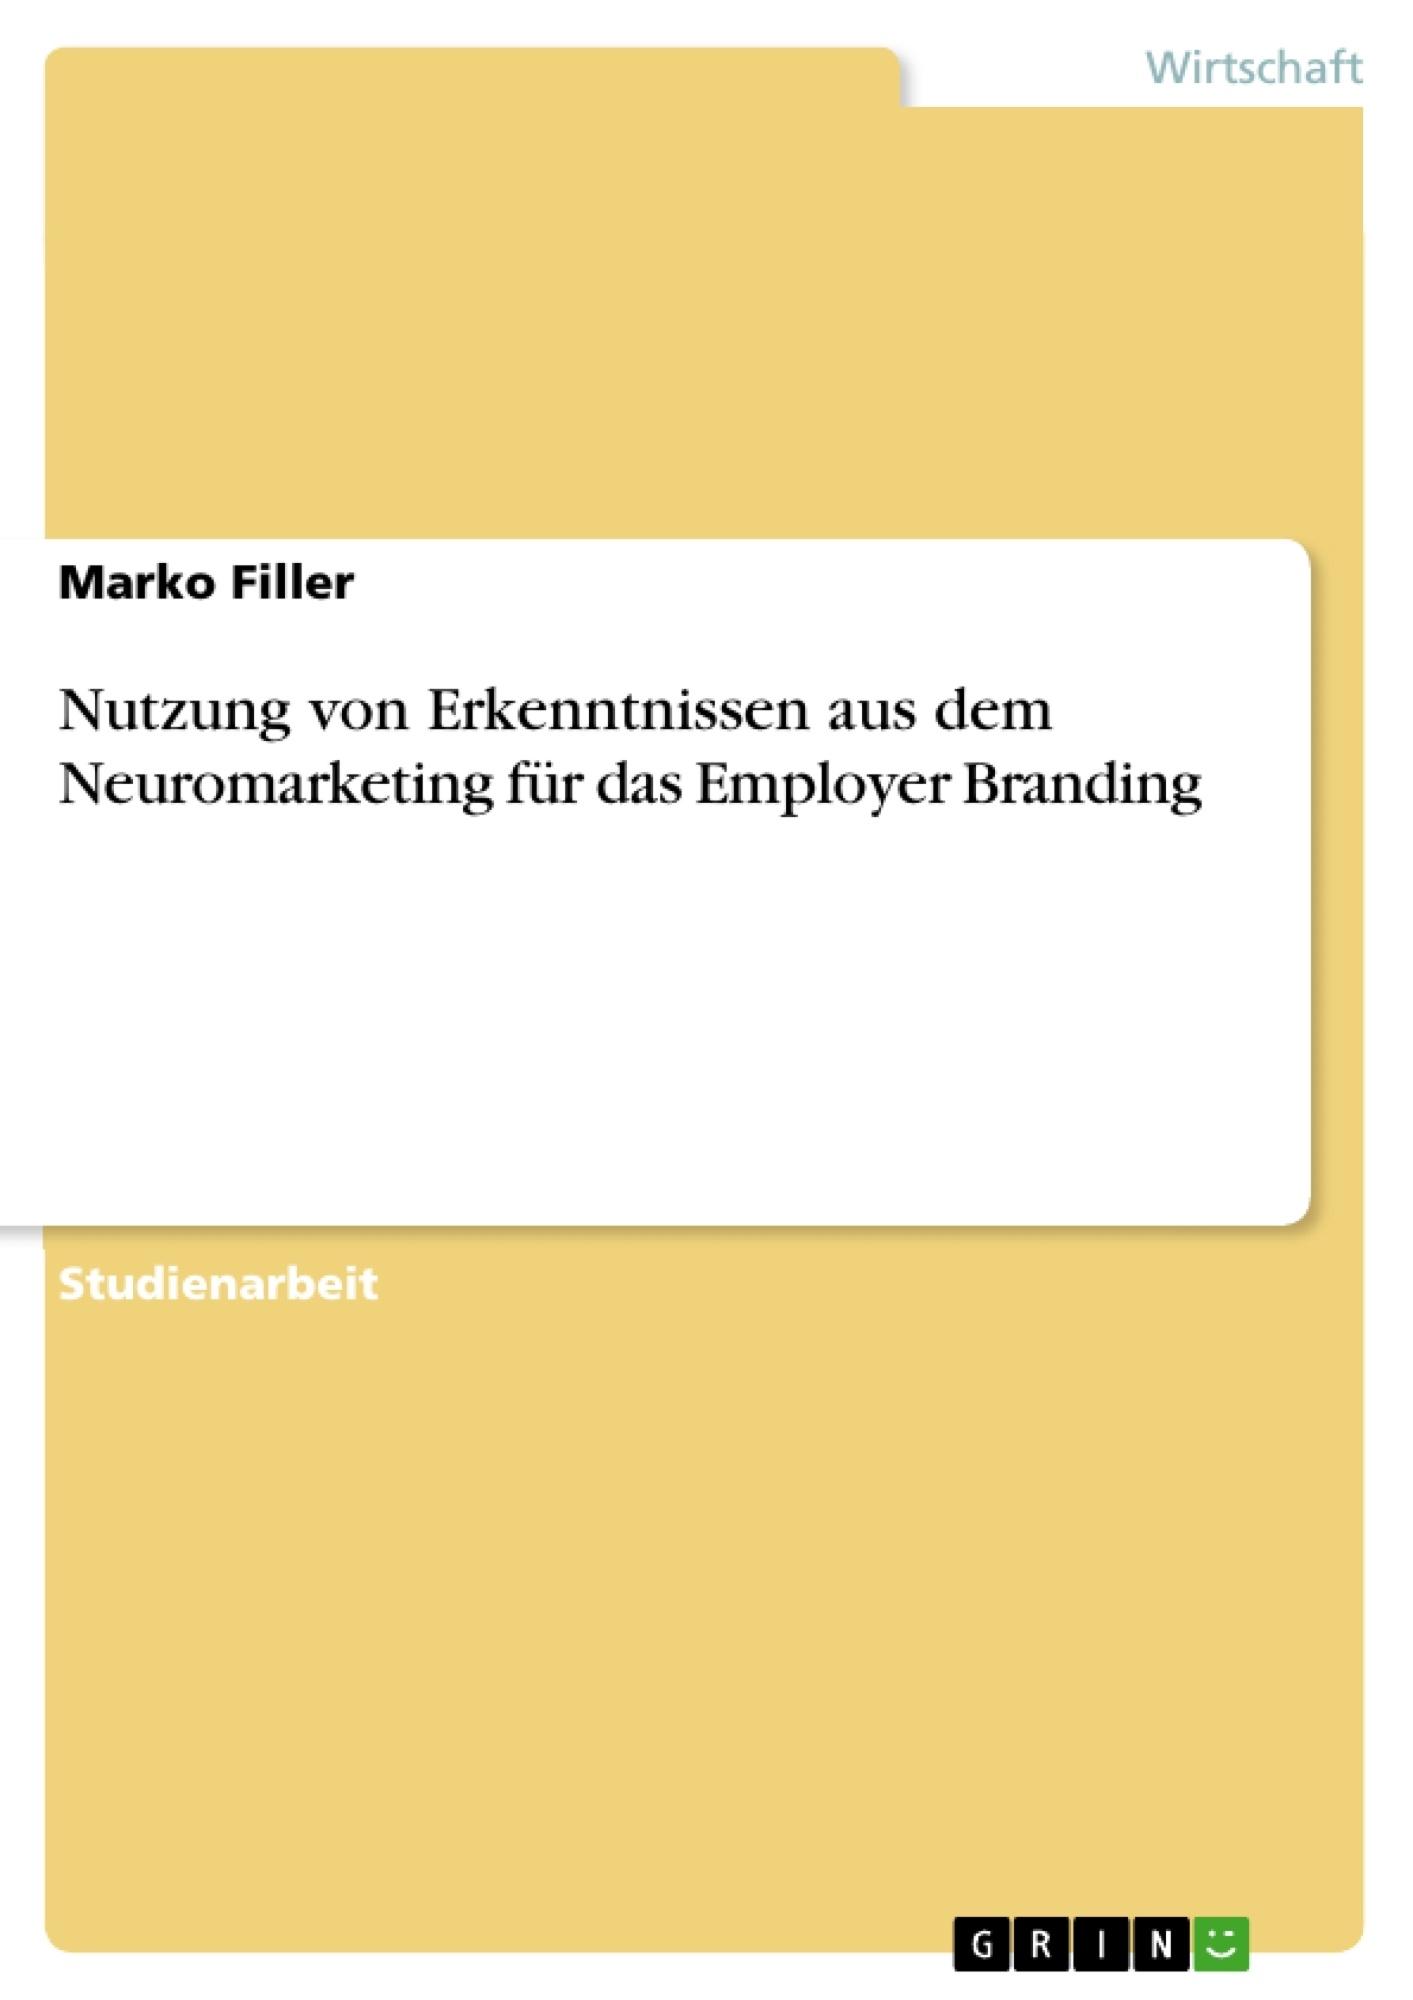 Titel: Nutzung von Erkenntnissen aus dem Neuromarketing für das Employer Branding